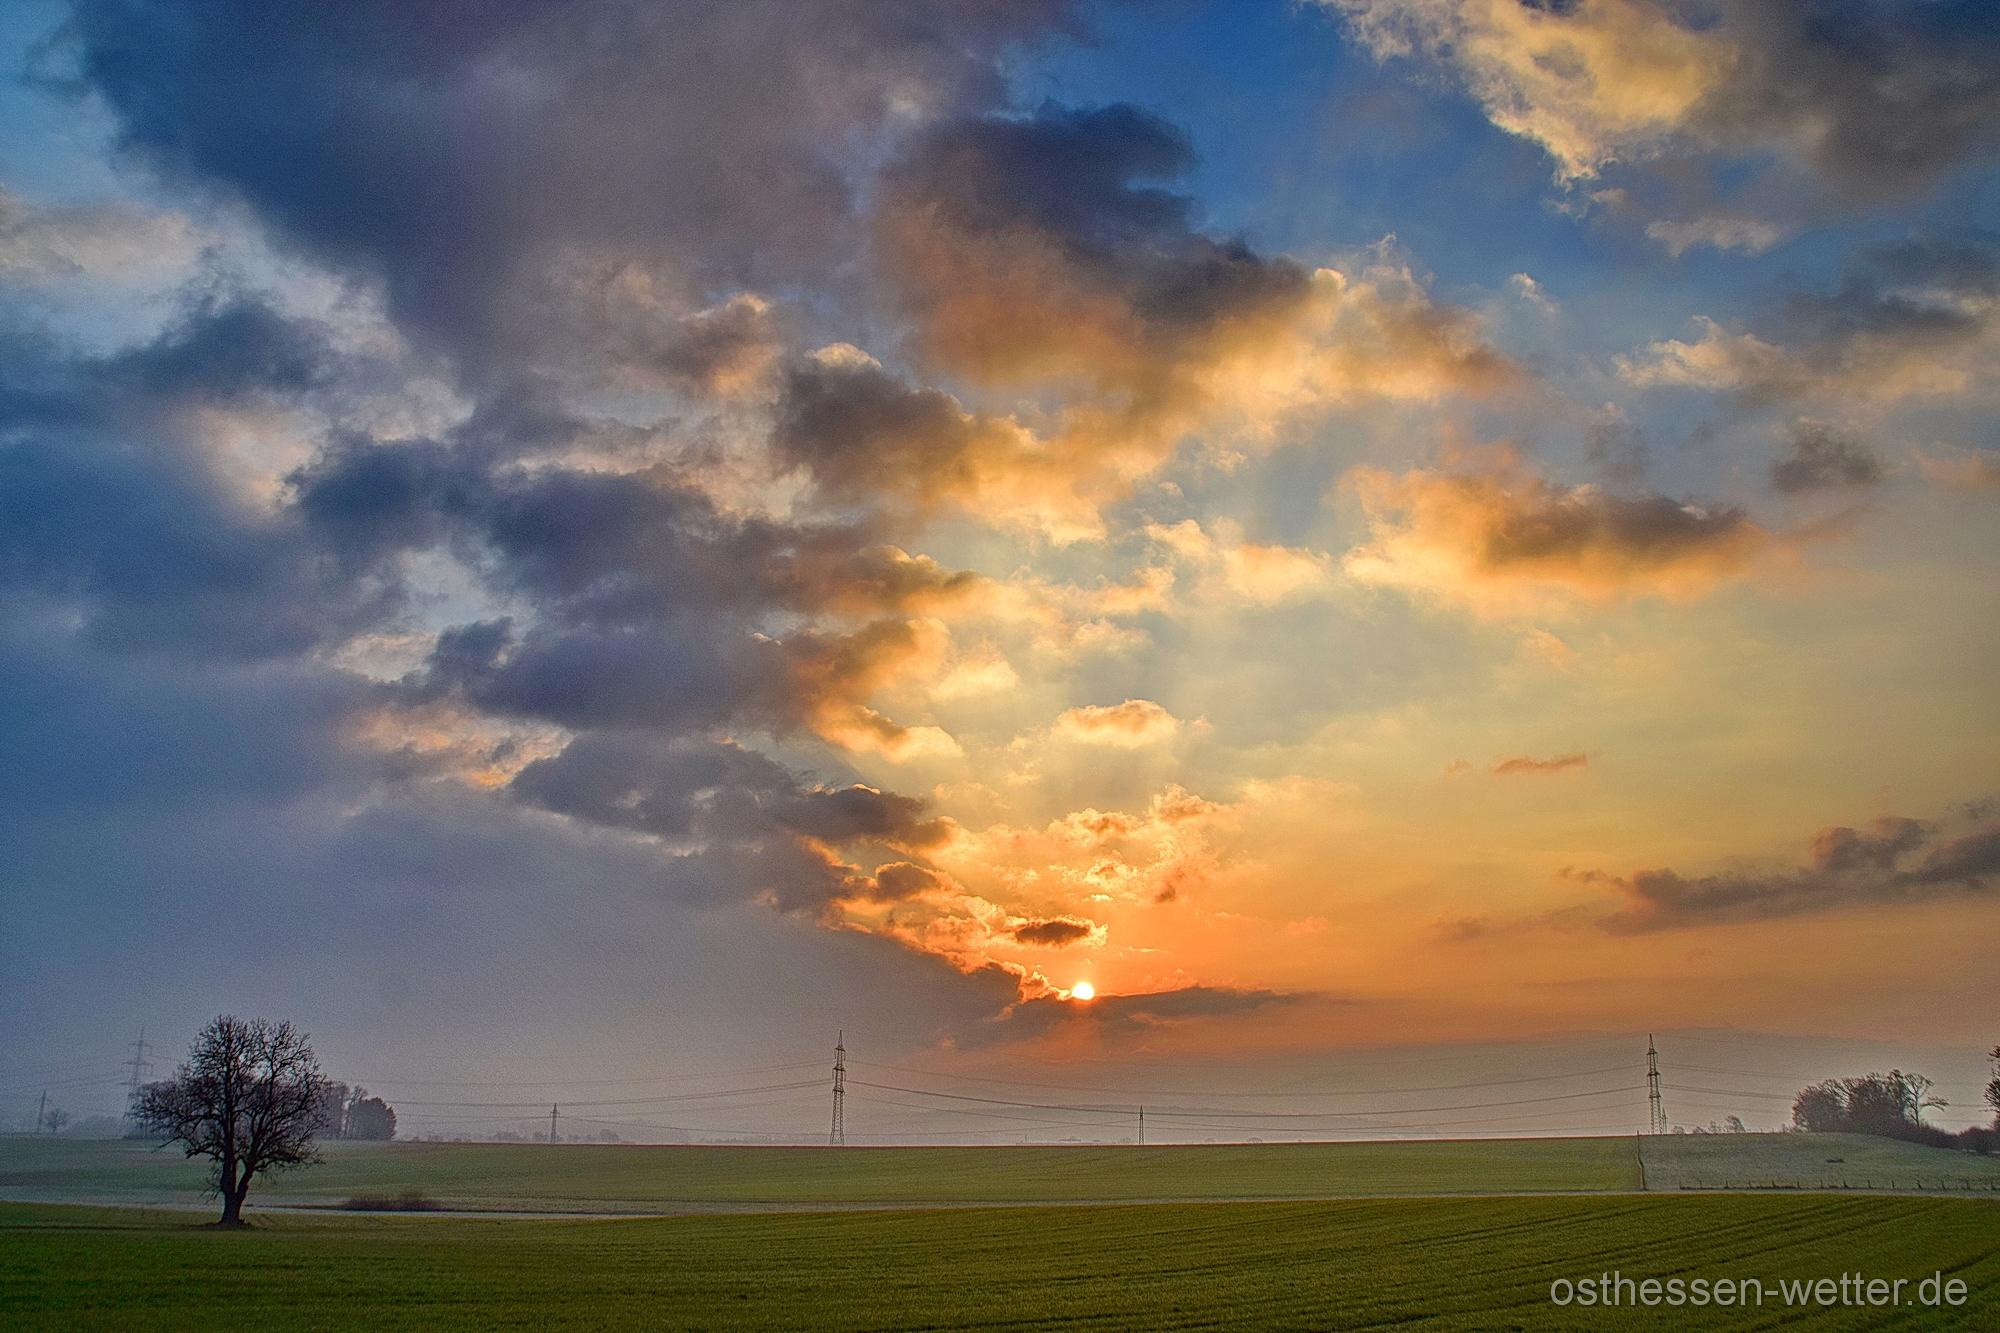 Sonnenaufgang am 04.04.2020 um 07:25:02 CEST